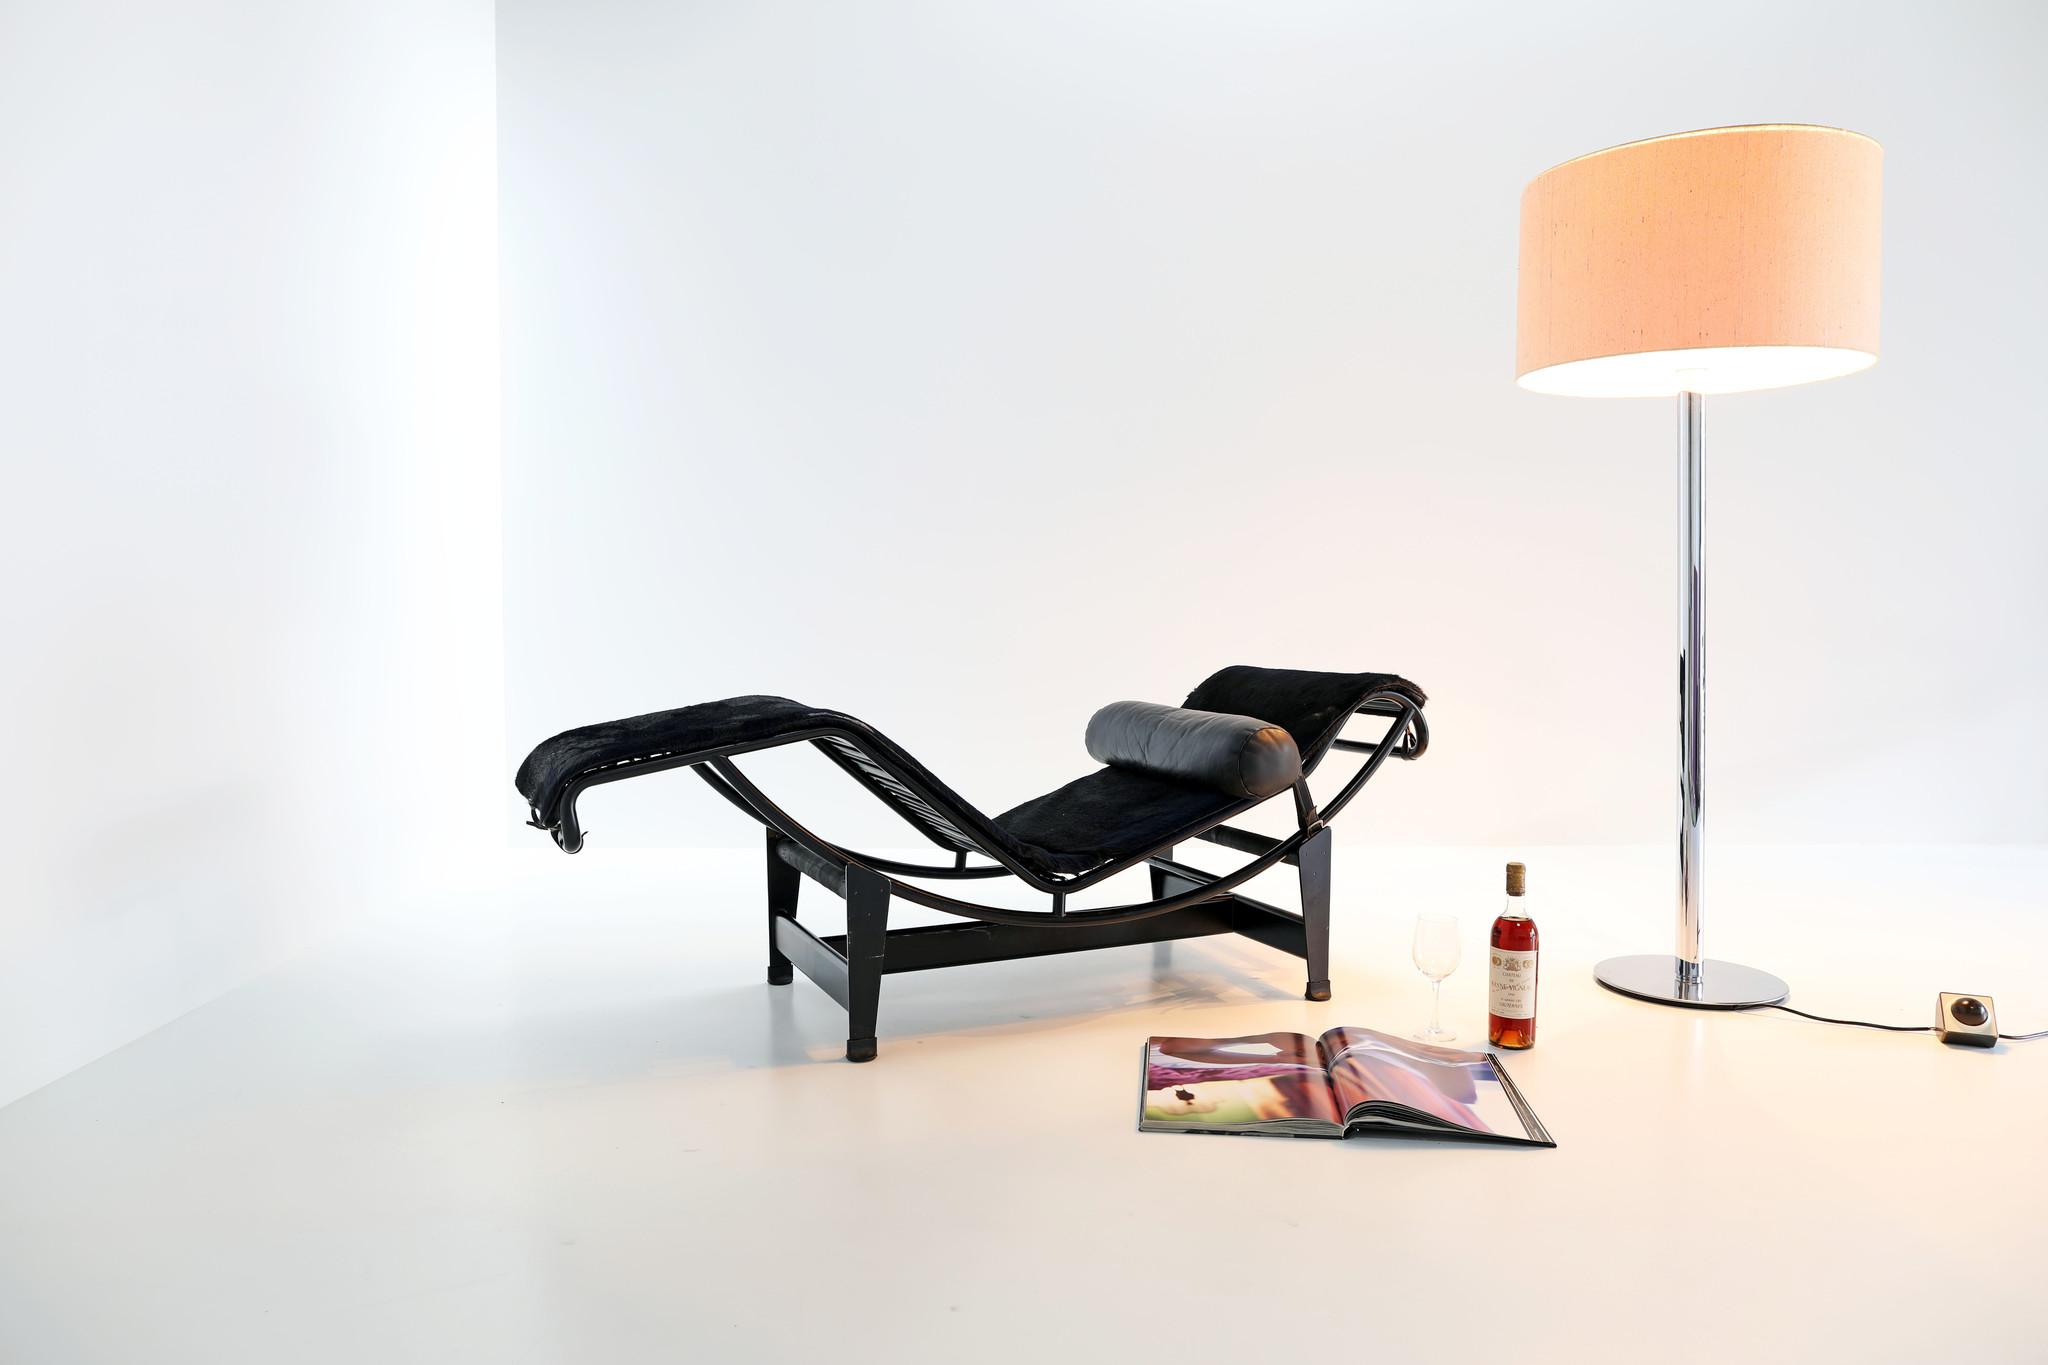 Vintage Le Corbusier chaise longue Lc4